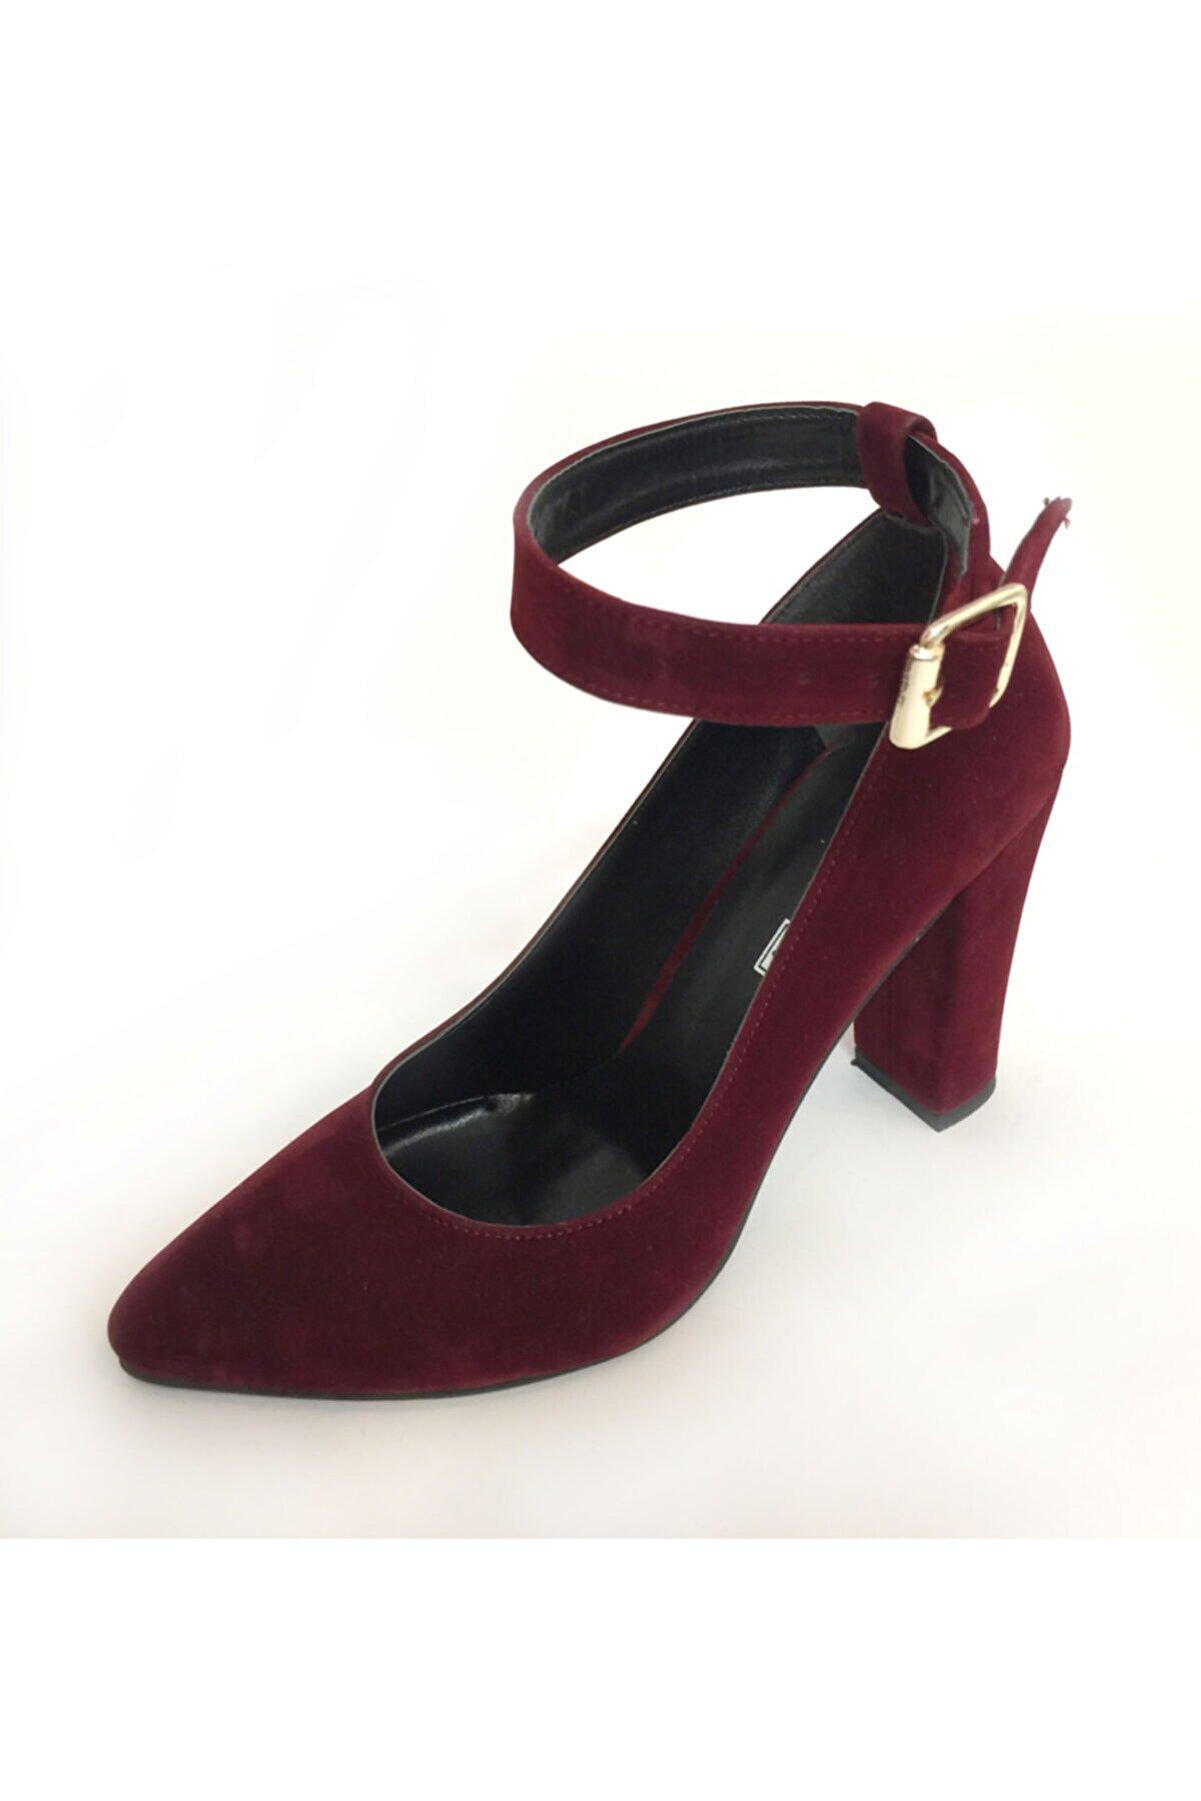 Beyaz Adım Ayakkabı Kadın Bordo Orta Boy Kalın Topuk Stiletto